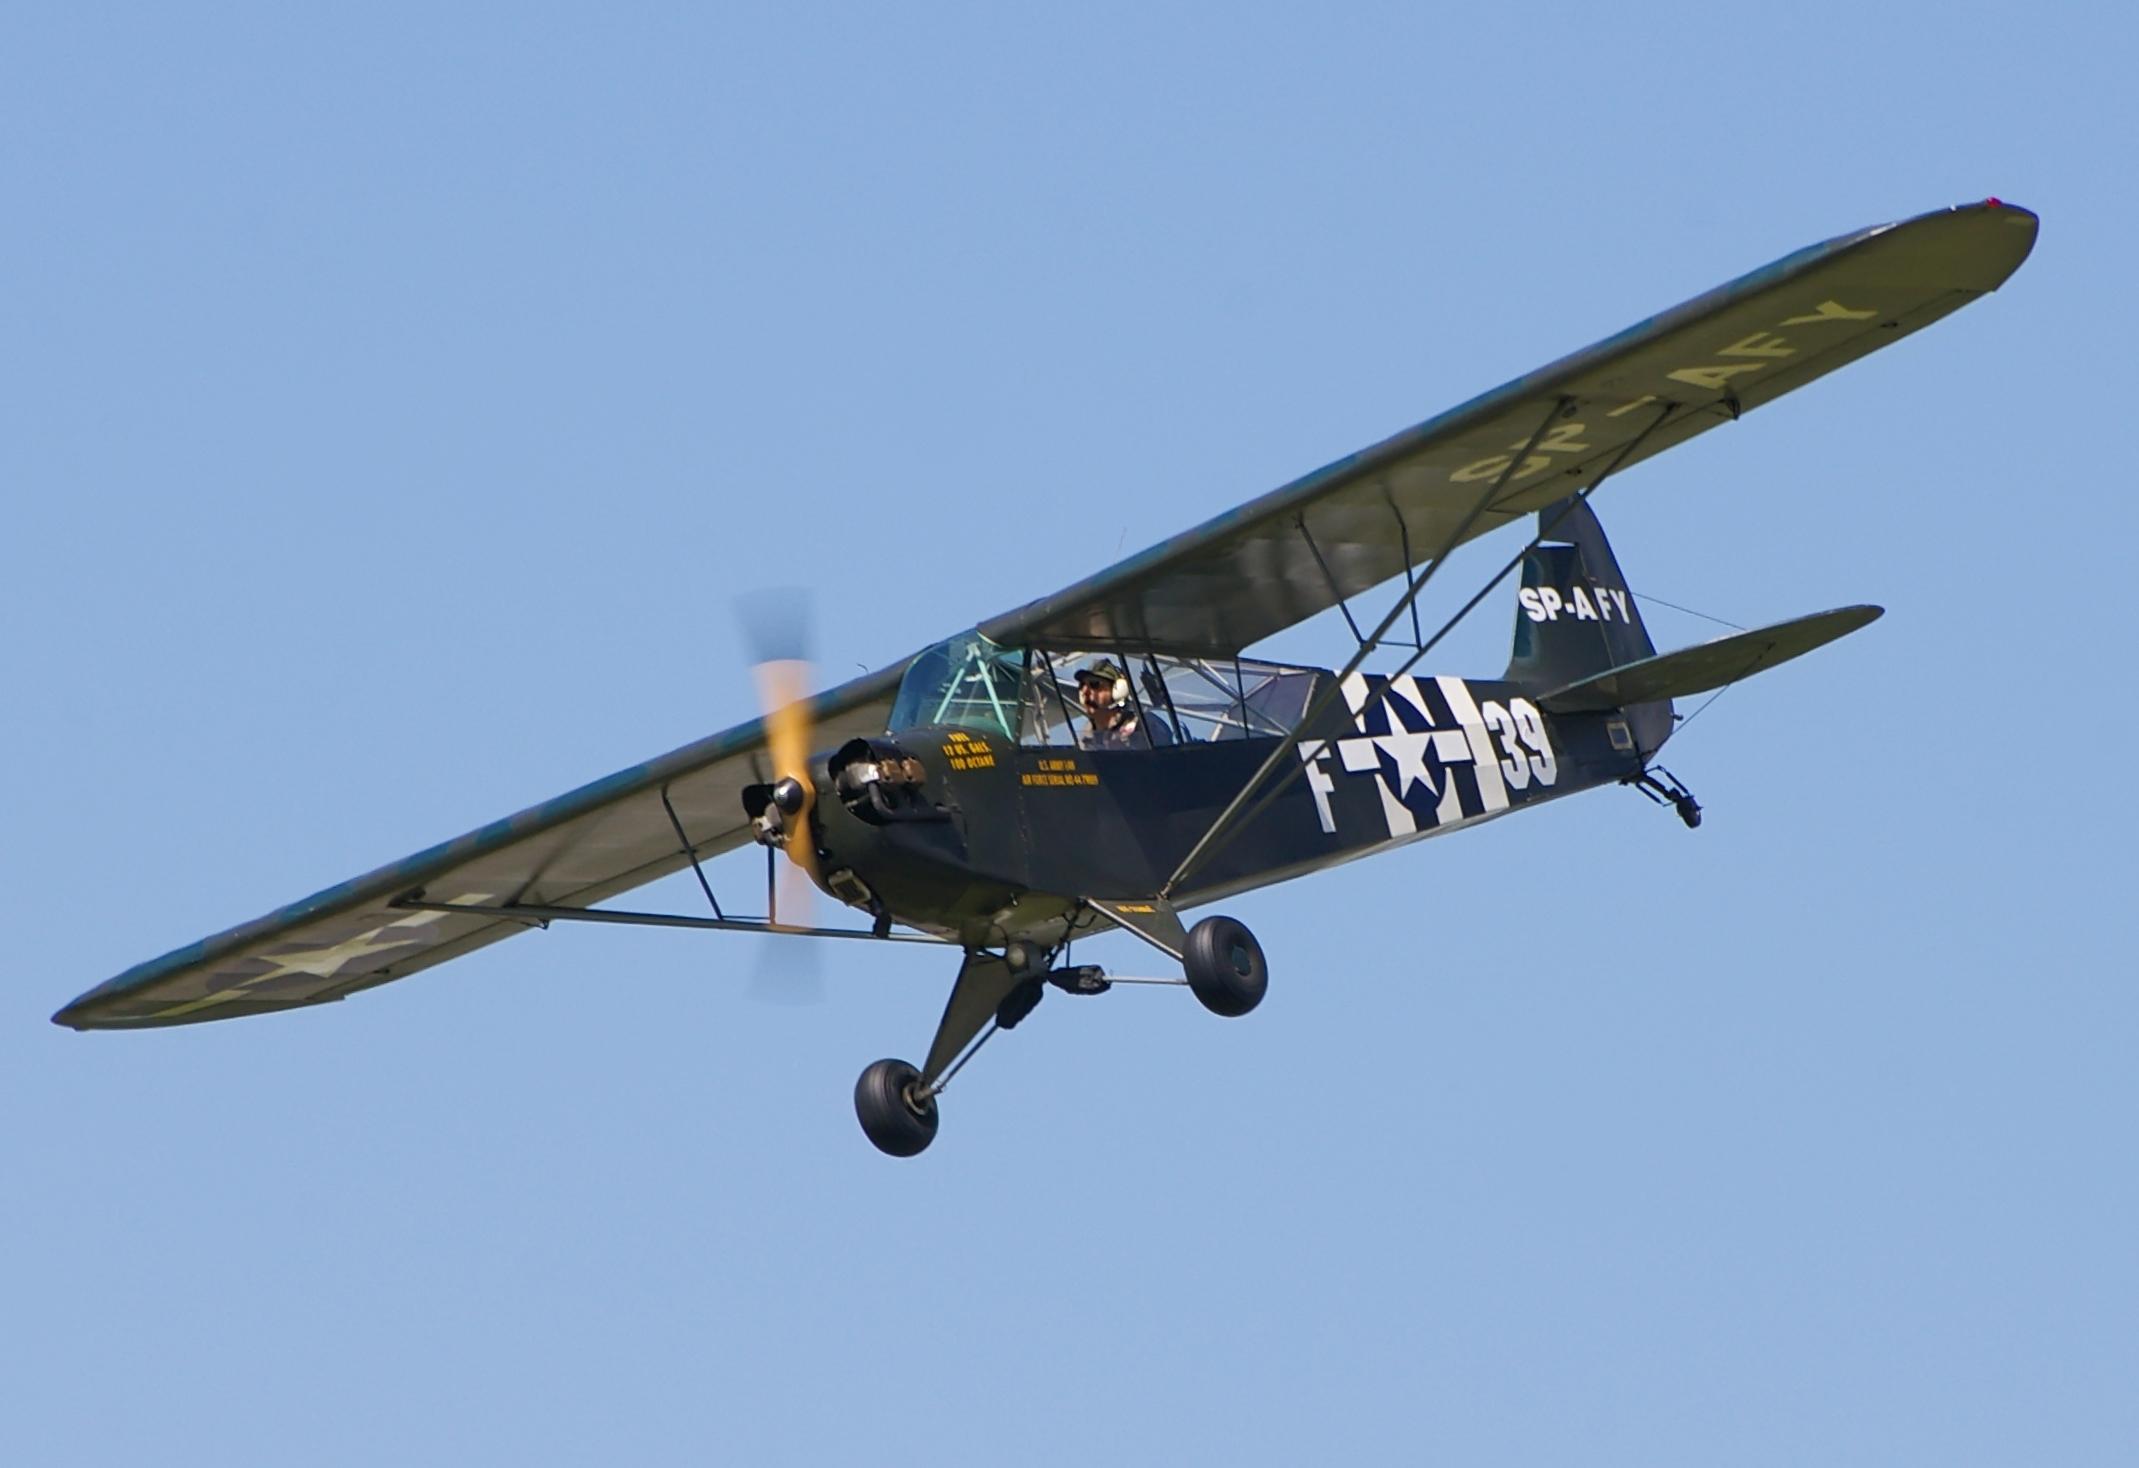 Piper J-3 Cub - Wikipedia